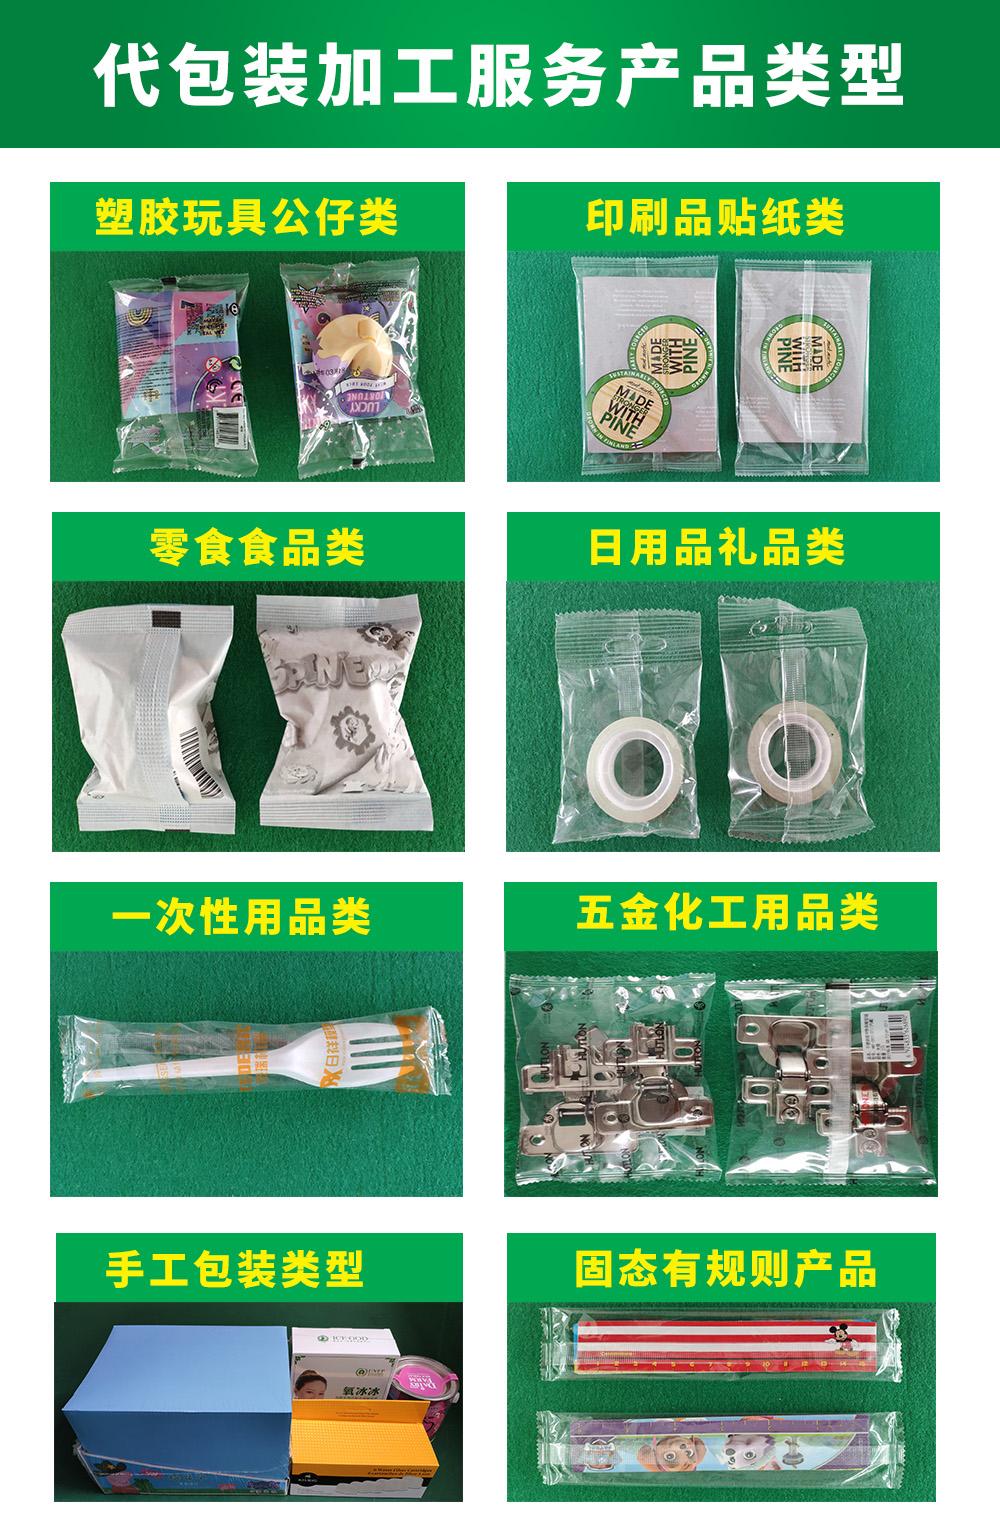 食品包装 日用品包装代加工工厂